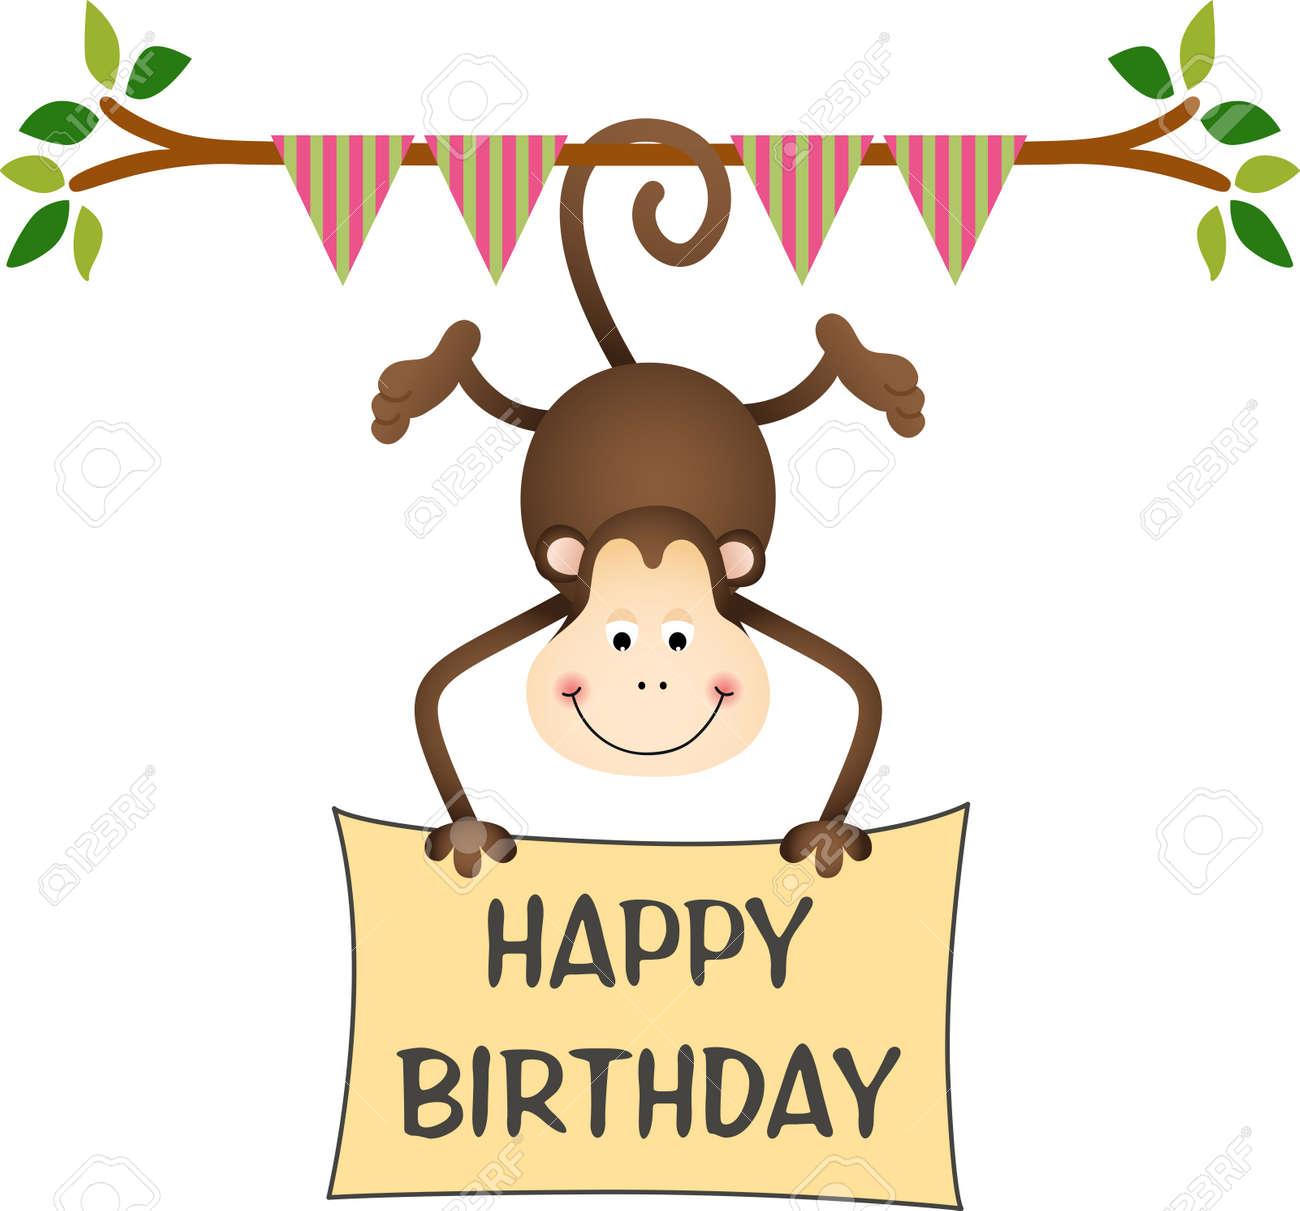 Hangende Affen Alles Gute Zum Geburtstag Zeichen Lizenzfrei